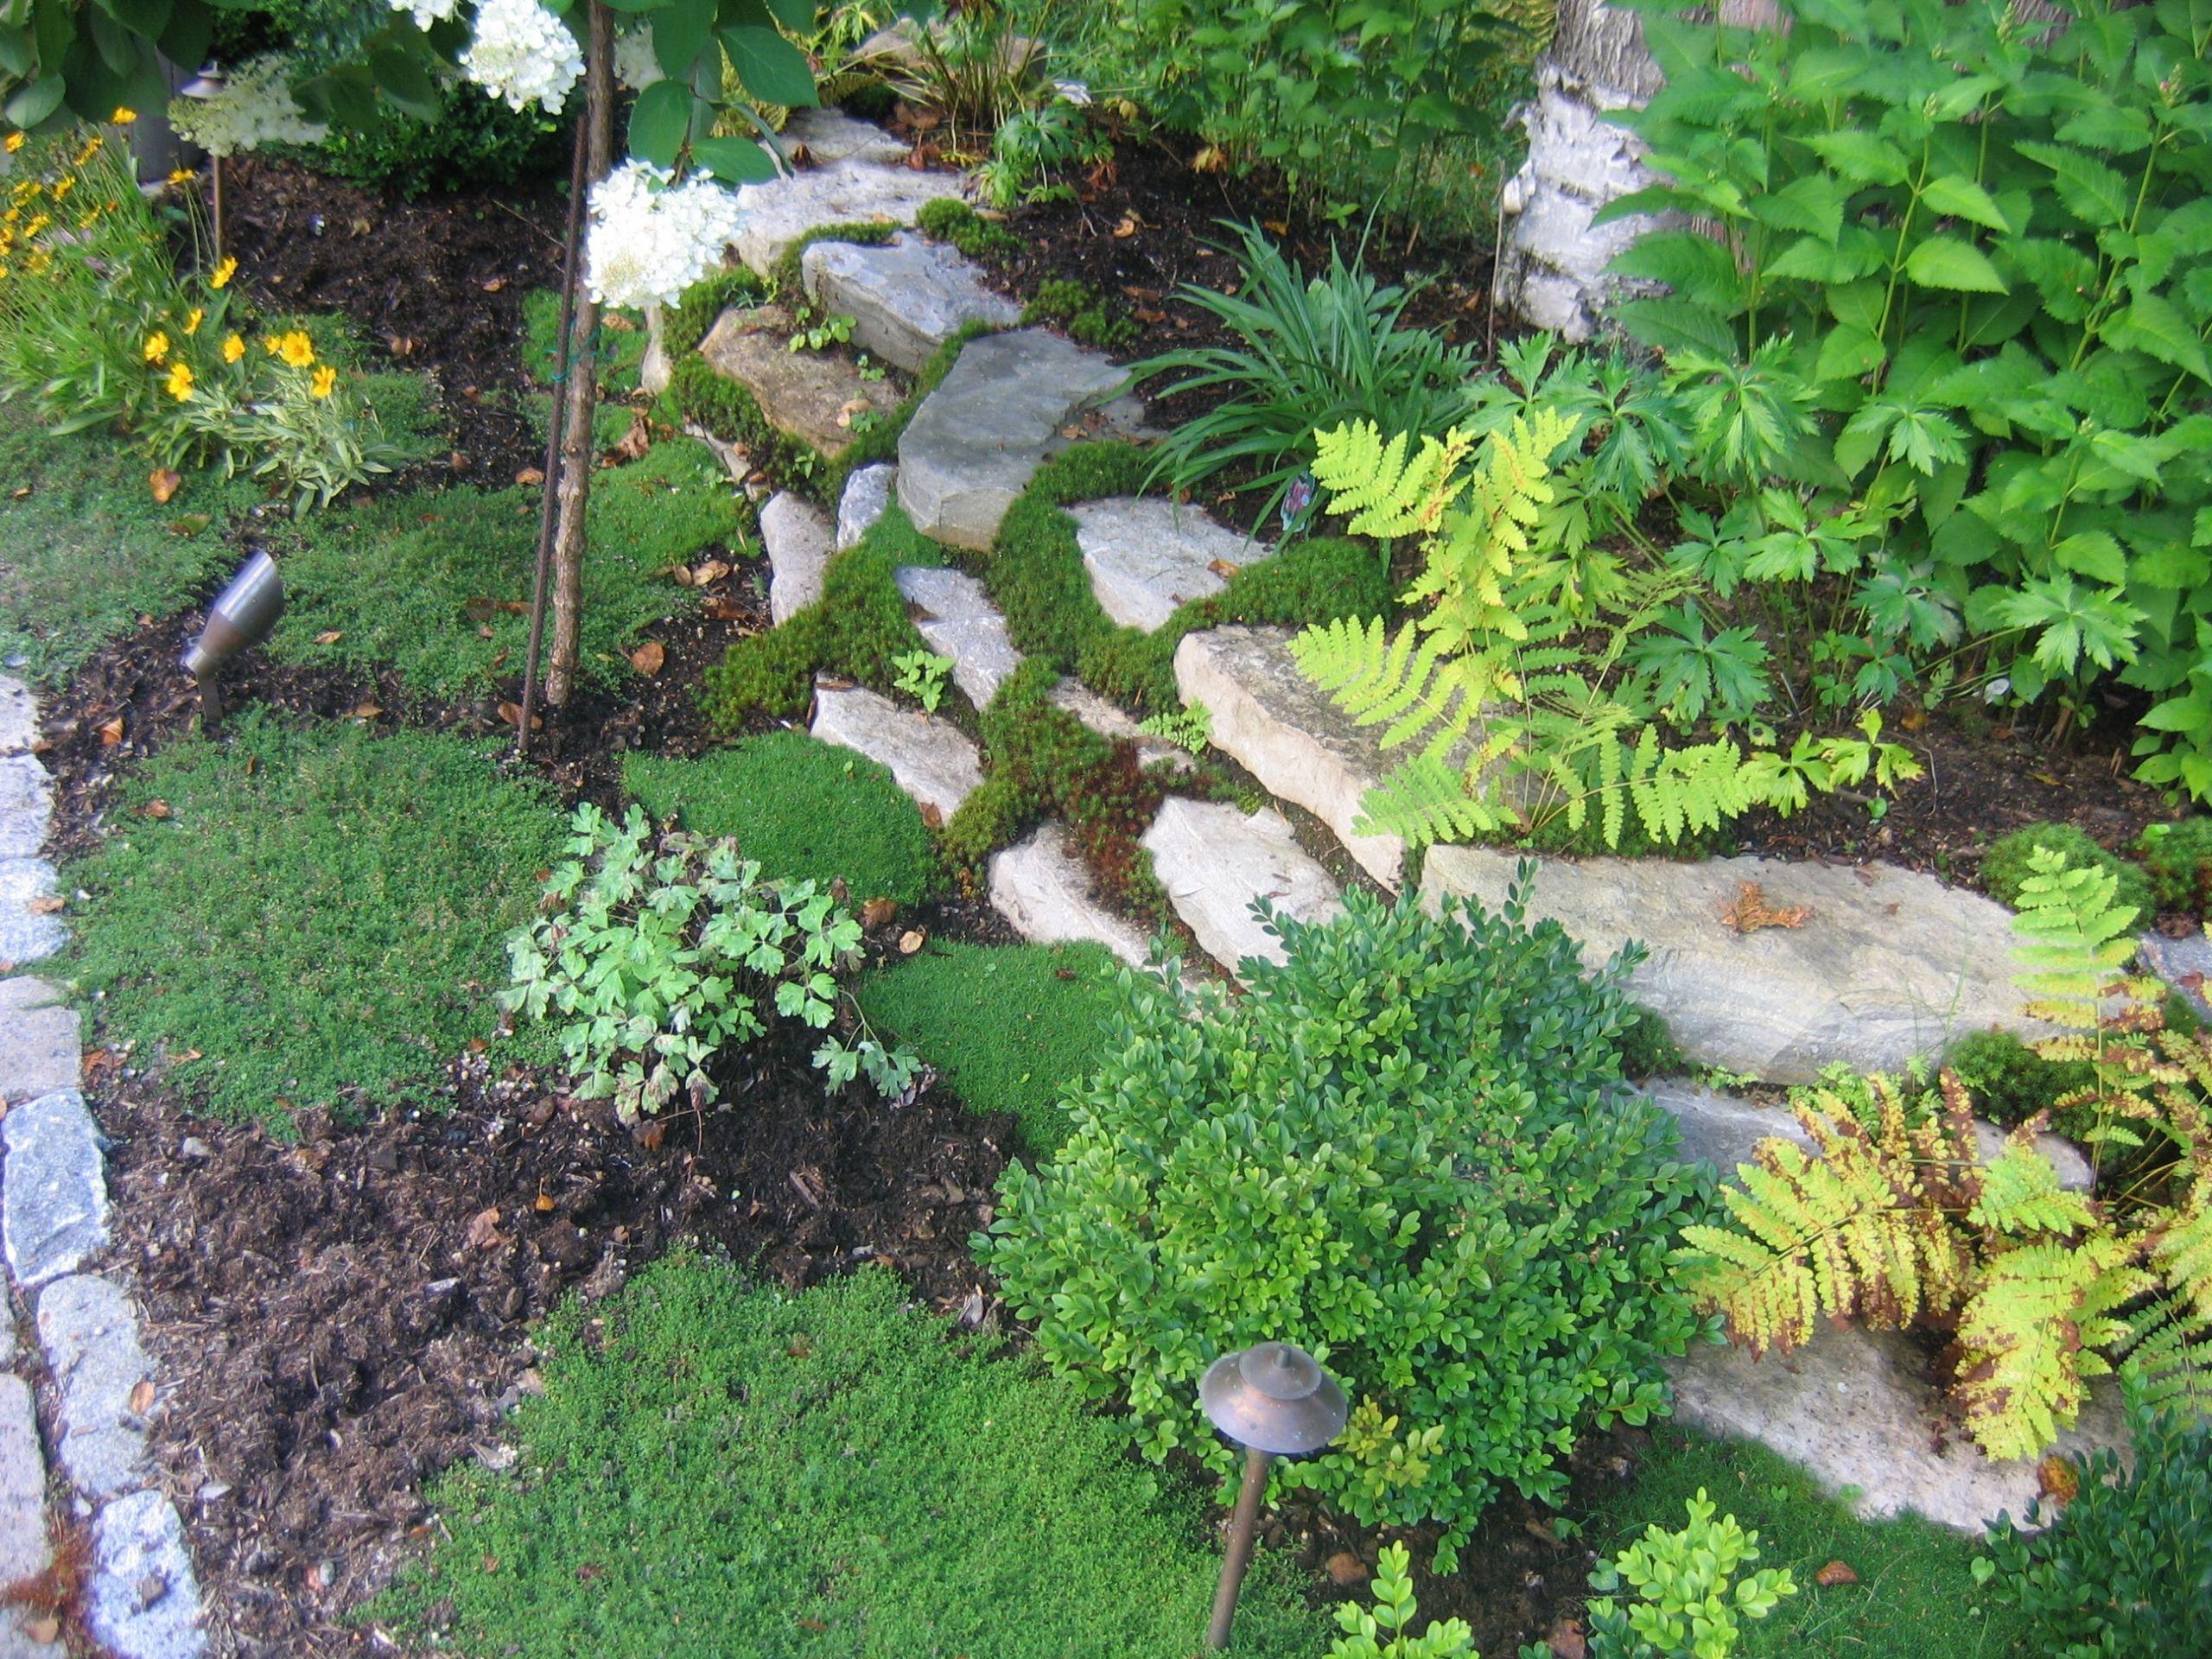 La stabilité d un jardin part de la préparation en amont